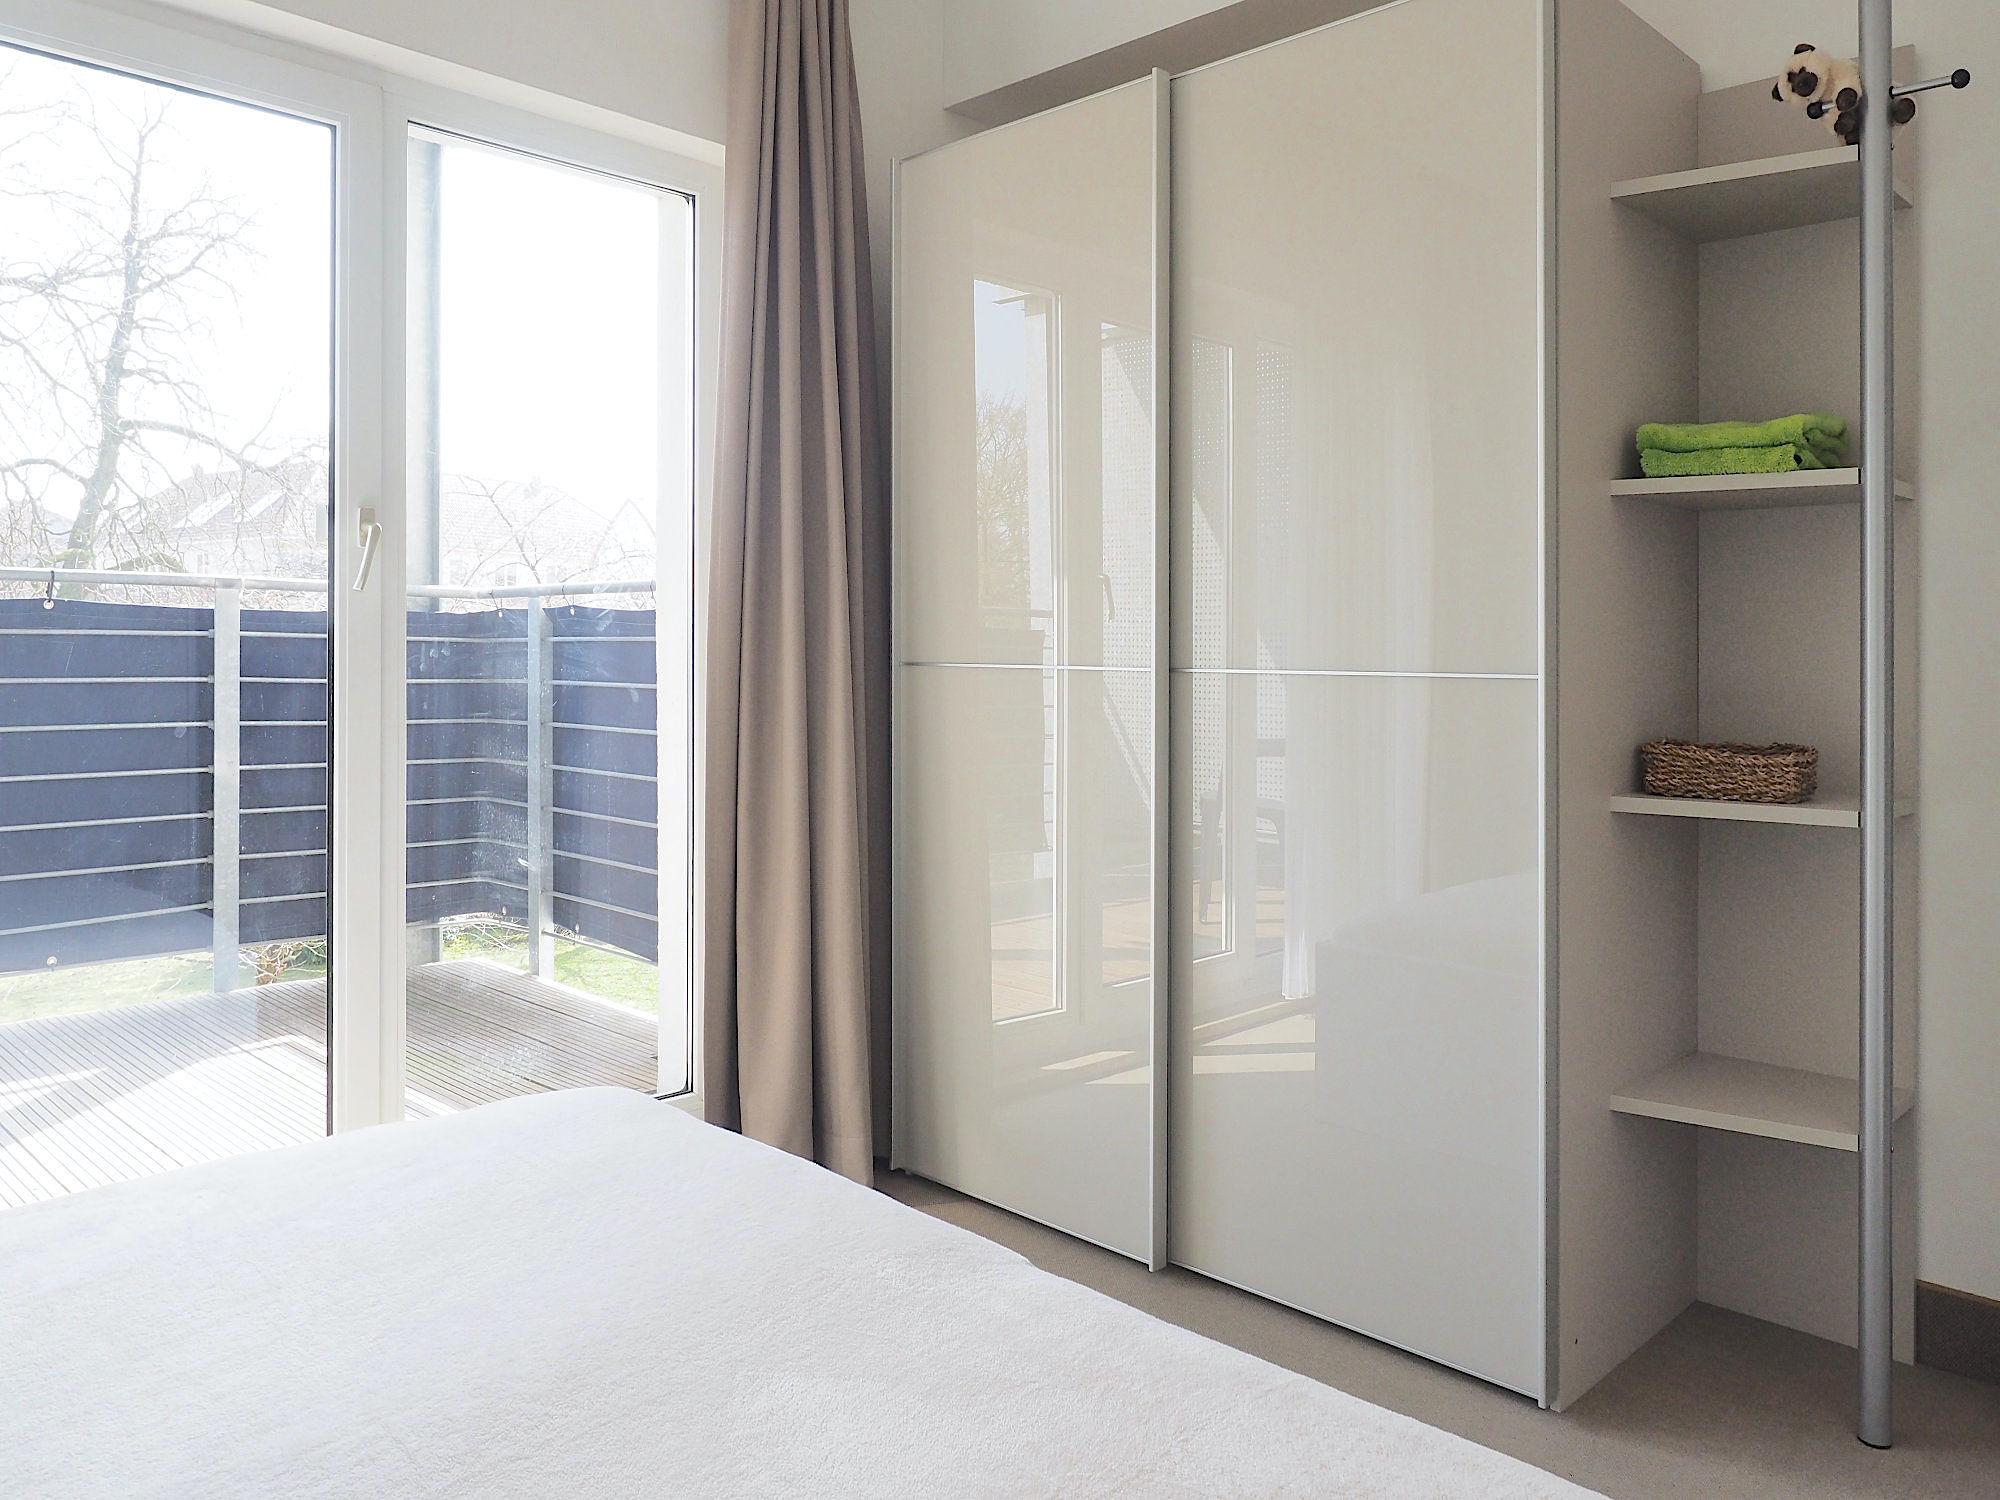 Schlafzimmer mit Doppelbett, rechts davon ein großer Kleiderschrank mit Regalteil, im Hintergrund bodentiefe Fenster